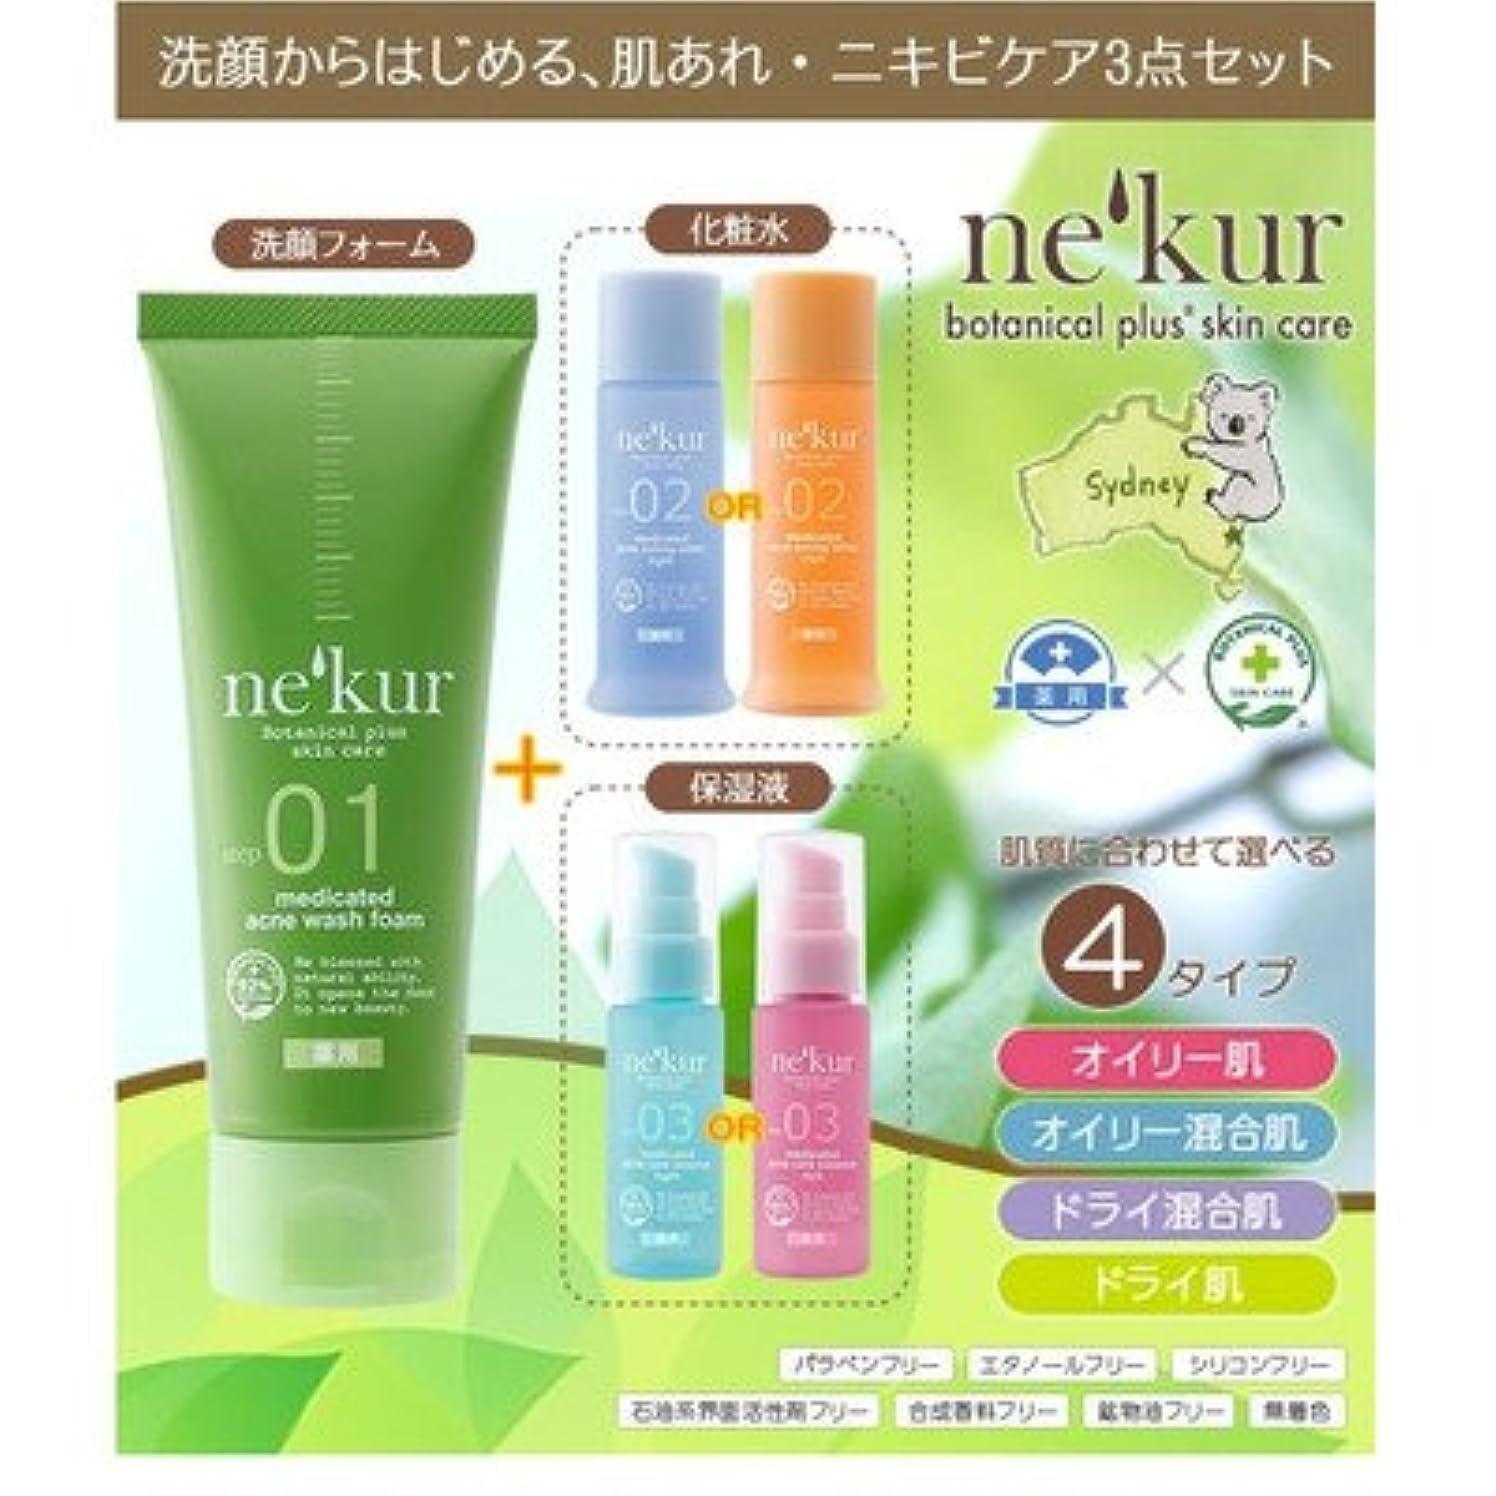 枯渇する追放する裏切り者ネクア(nekur) ボタニカルプラススキンケア 薬用アクネ洗顔3点セット オイリー肌セット( 画像はイメージ画像です お届けの商品はオイリー肌セットのみとなります)